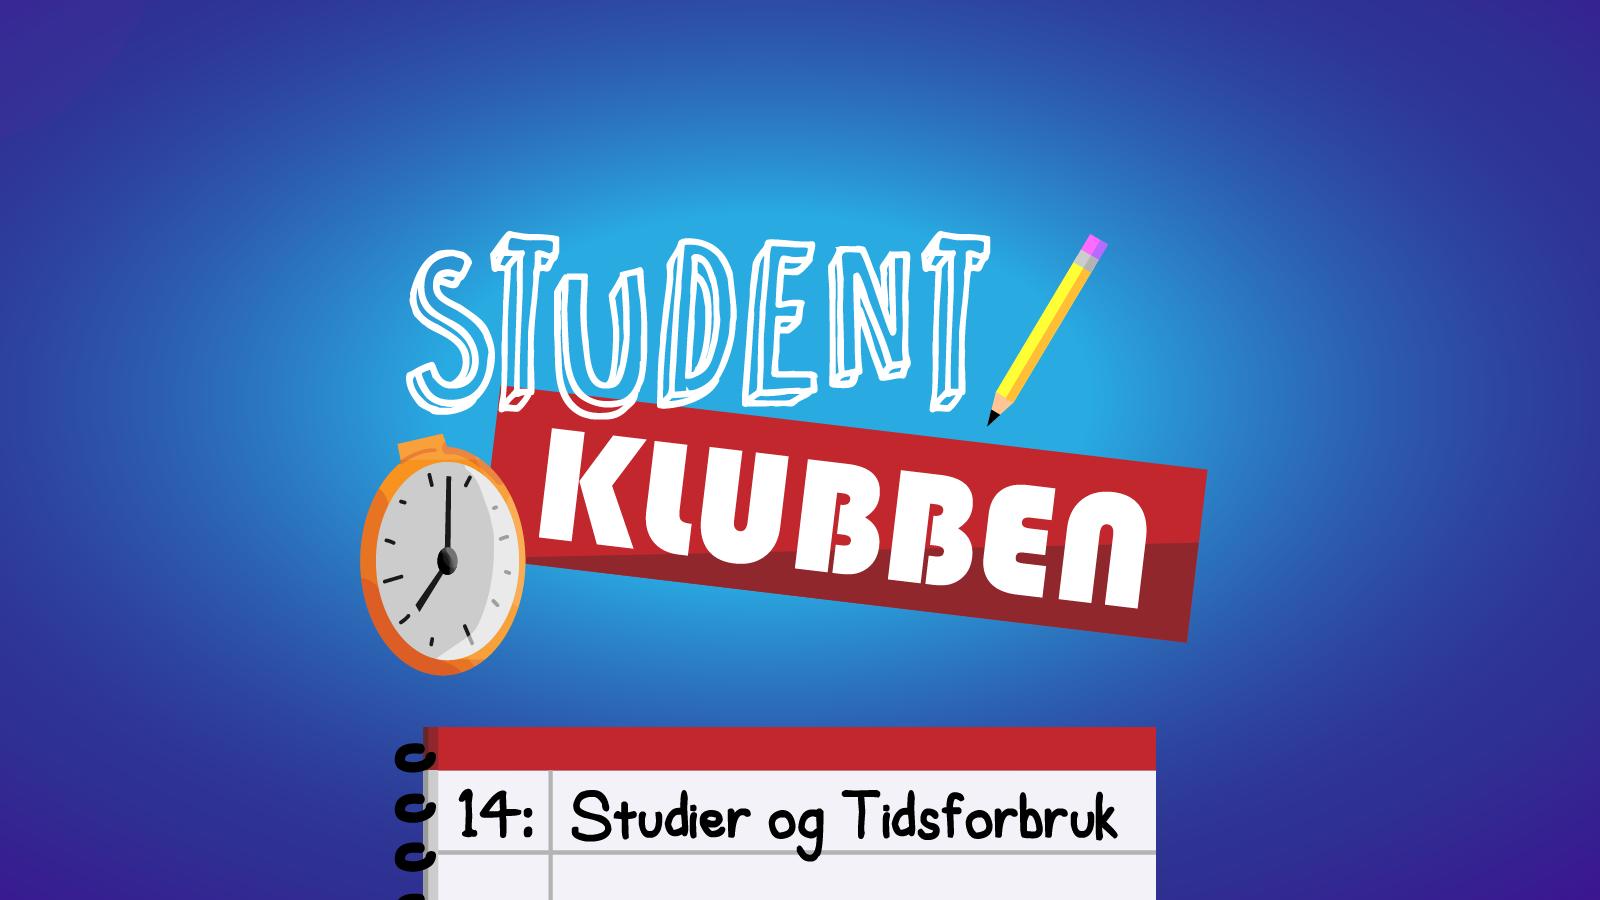 Studentklubben: Studier og tidsforbruk